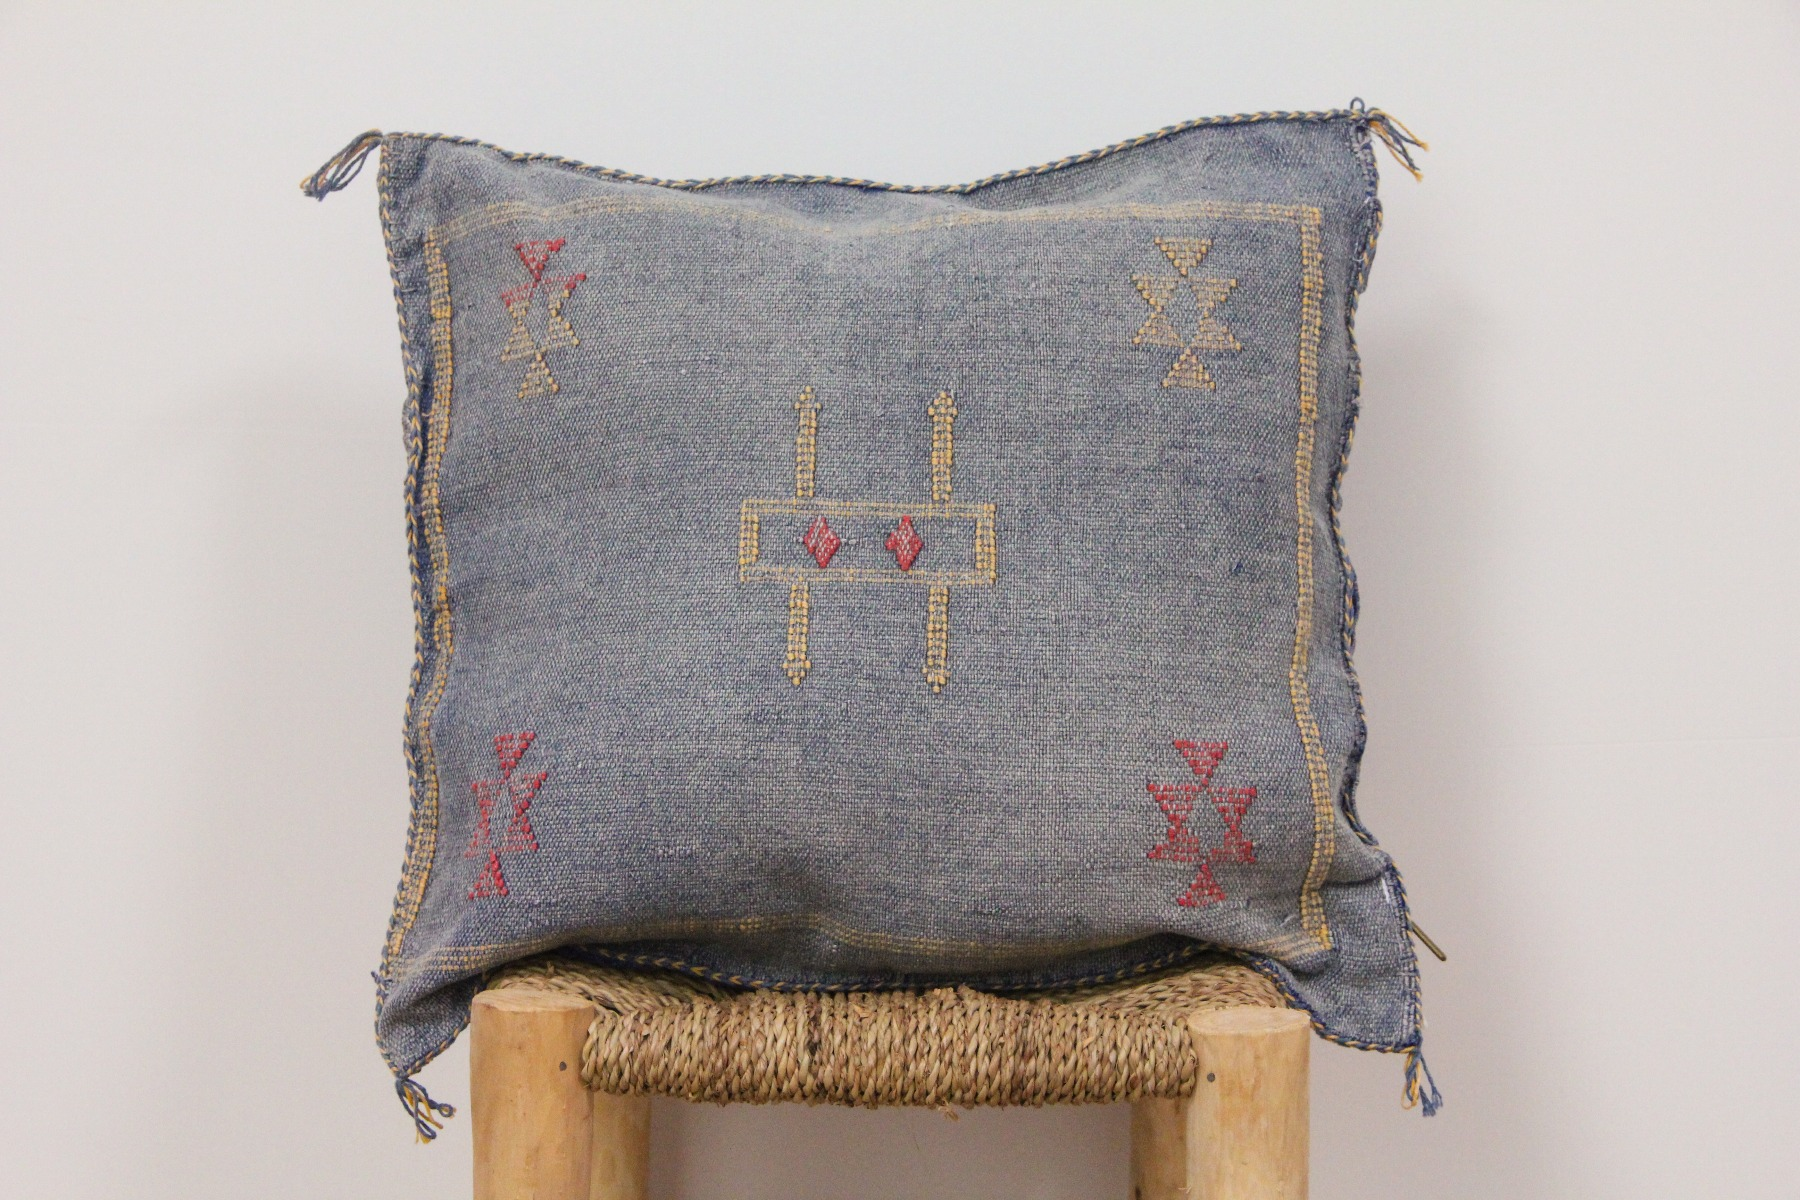 Kussen uit Marokko 45cm x 45cm incl vulling nr.8010